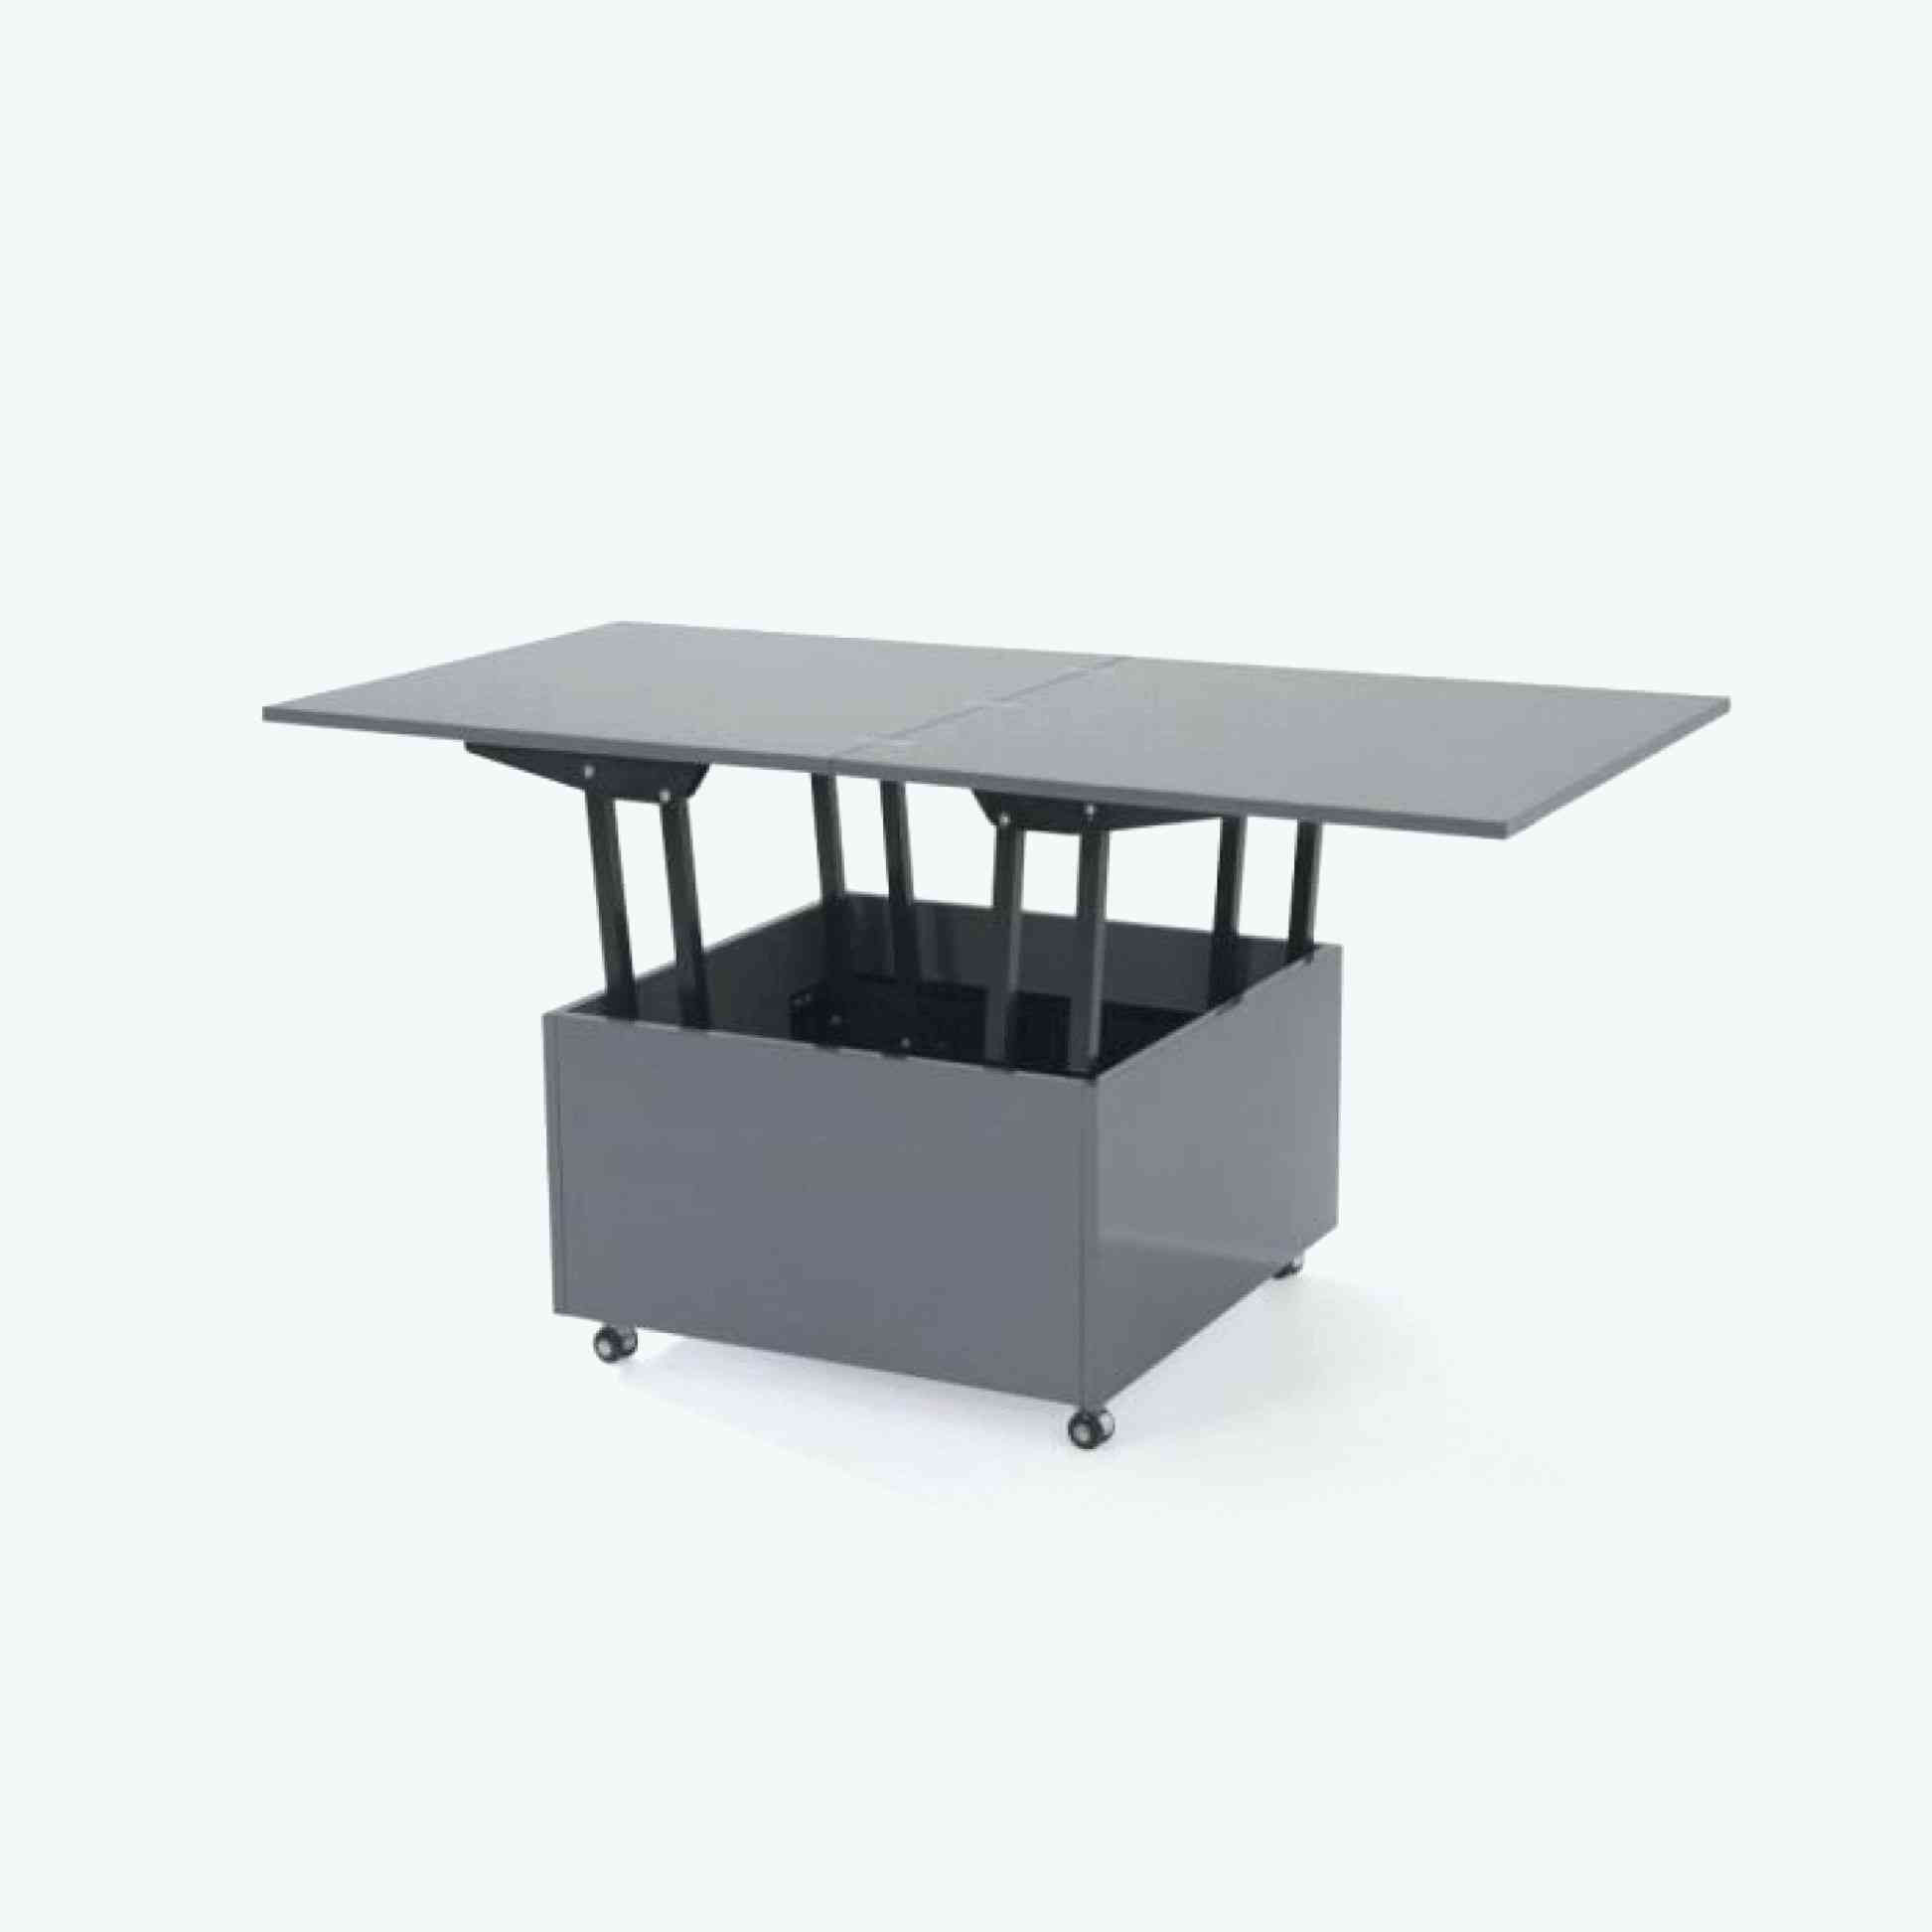 Fauteuil De Table Best Of 18 attractive Plastic Hardwood Floor Protector